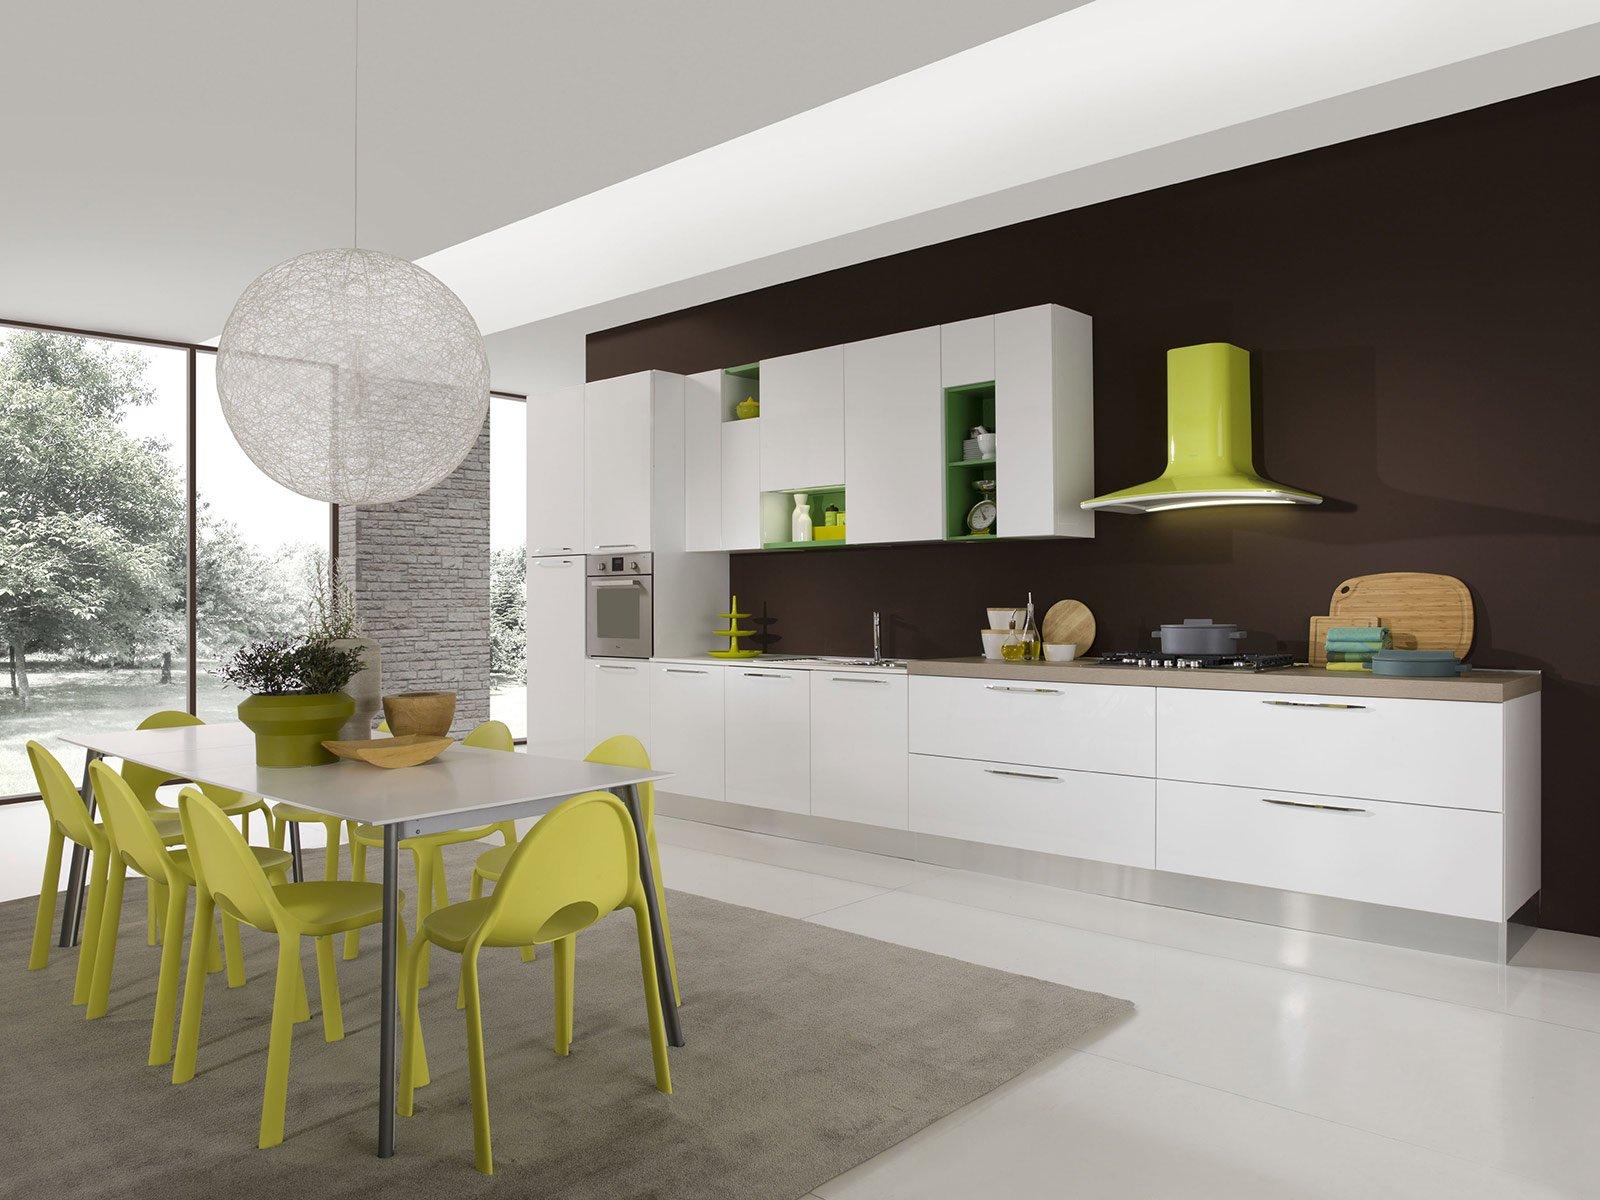 In Linea Della Cucina In Mdf Laccato Bianco Opaco Abbinato Al  #928E39 1600 1200 Cambiare Colore Al Top Della Cucina